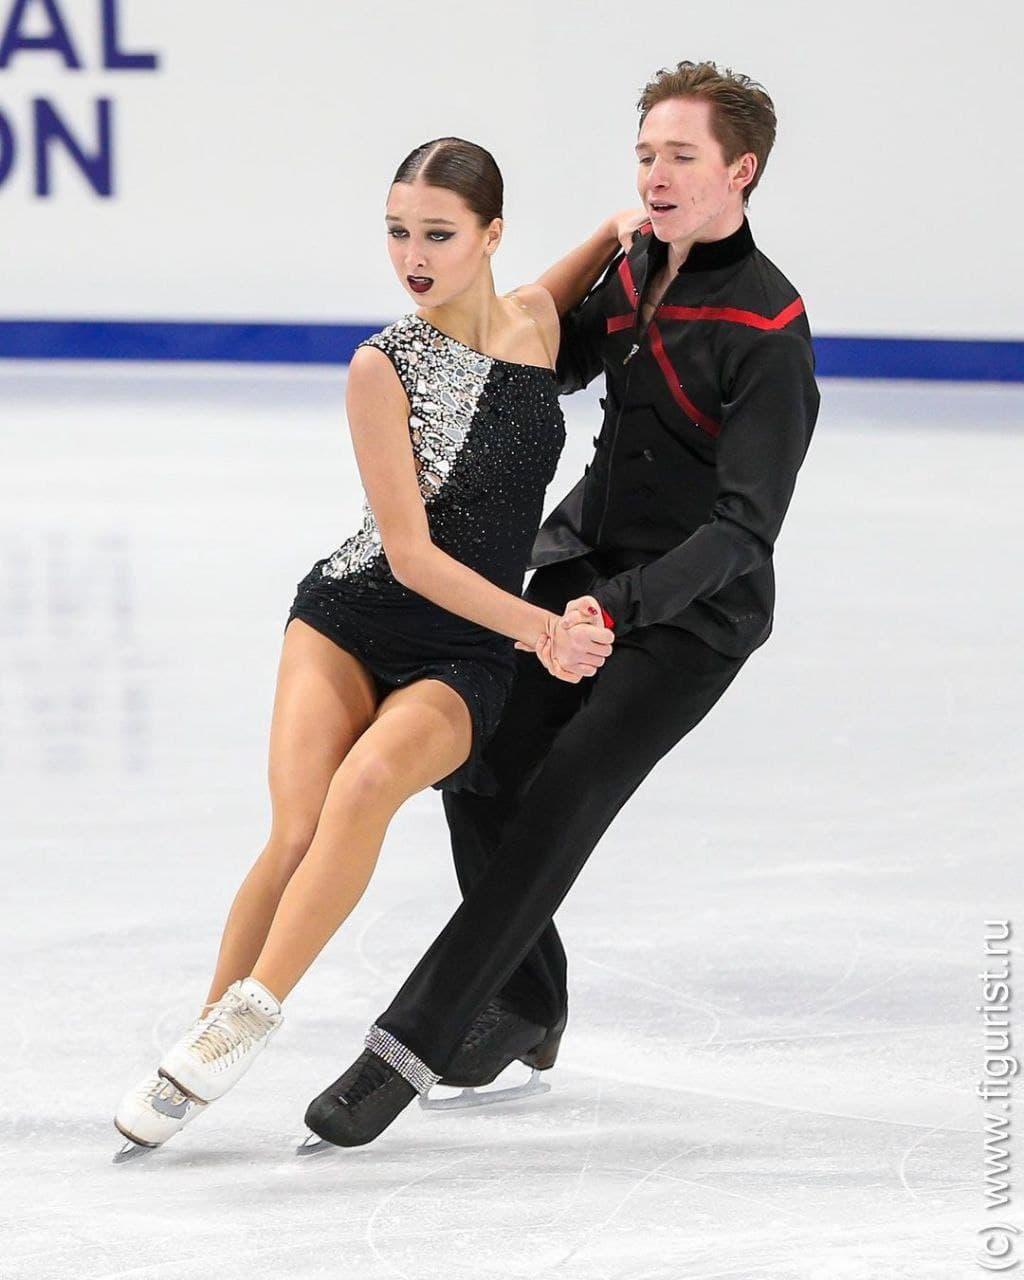 Фигуристы из Подмосковья стали лучшими на юниорской серии Гран-при в танцах на льду